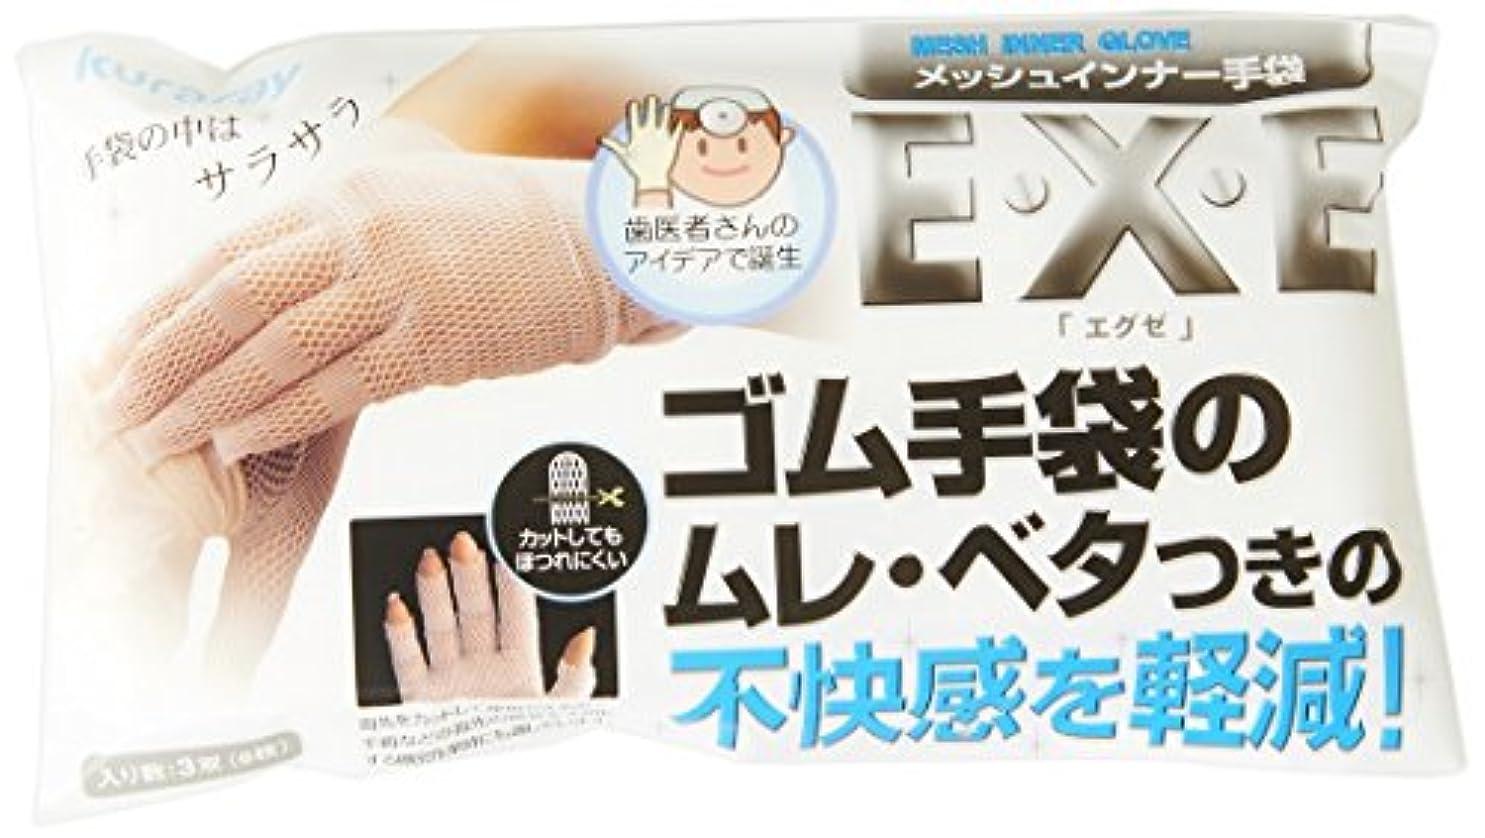 ヒット真似るキャンドルクラレ メッシュインナー手袋 E?X?E フリーサイズ 3双(6枚)入